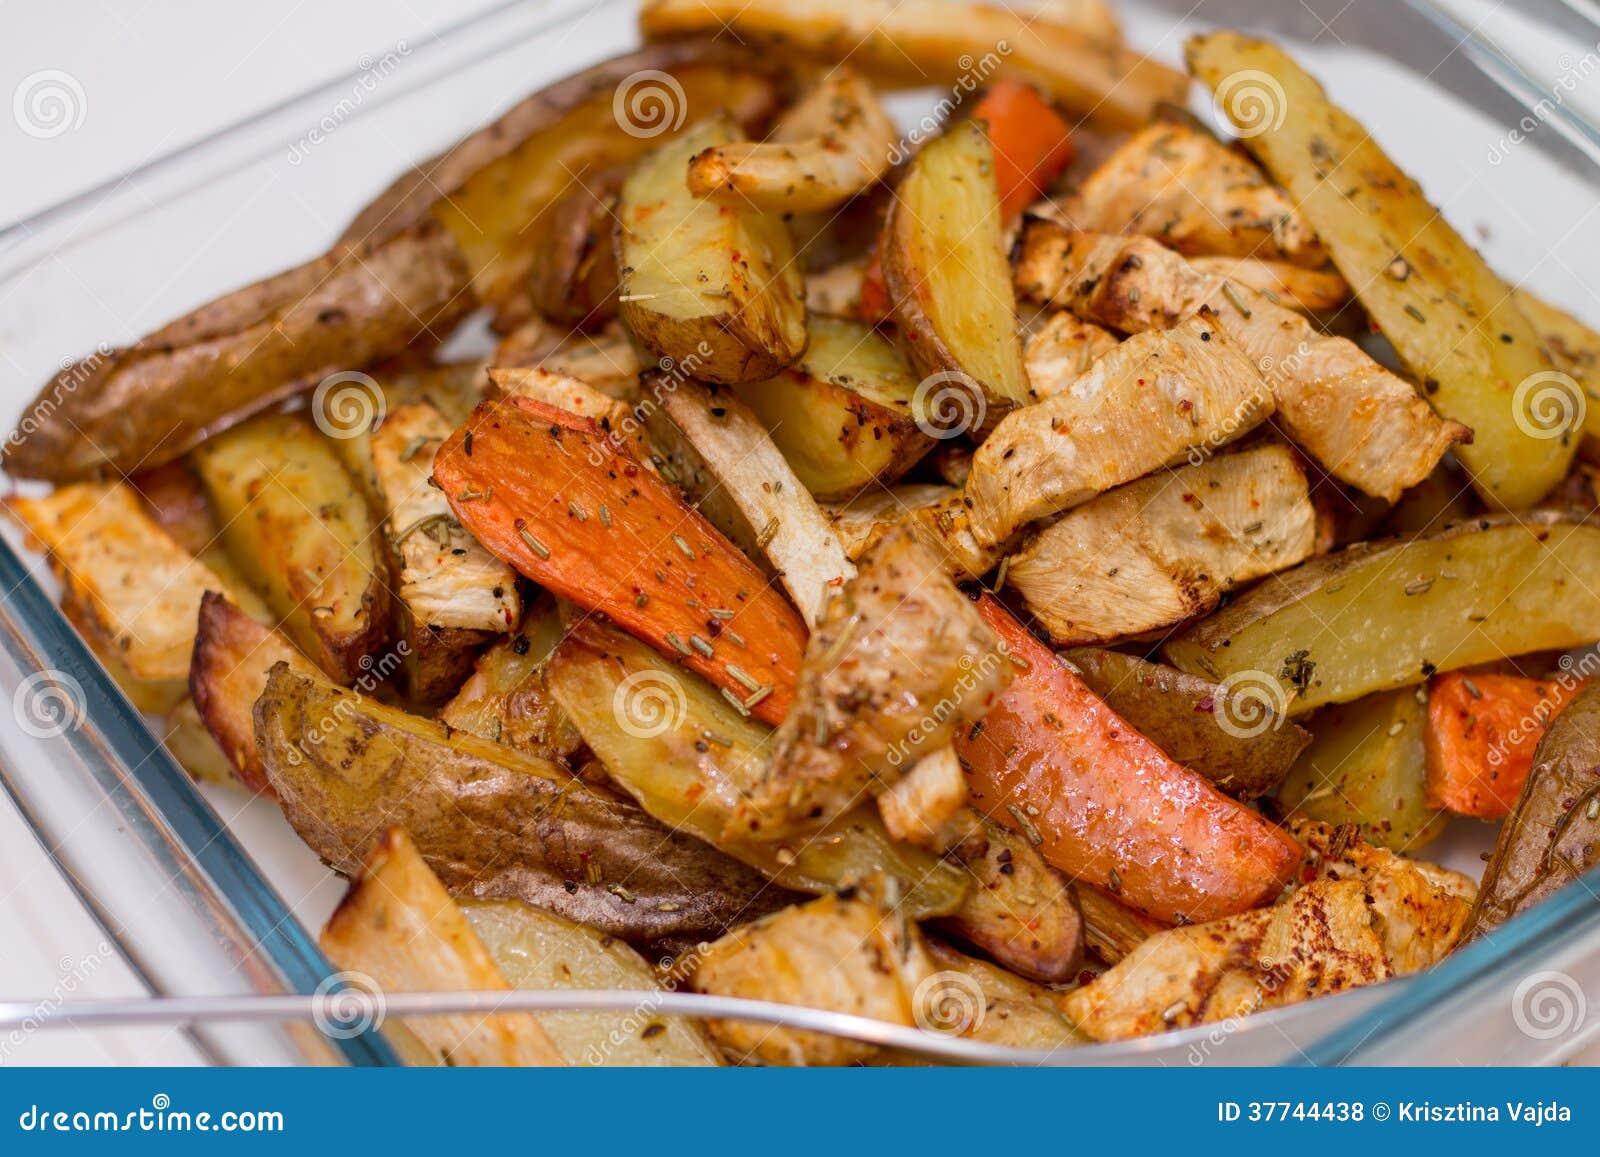 pommes de terre et carottes cuites au four par four photo stock image 37744438. Black Bedroom Furniture Sets. Home Design Ideas